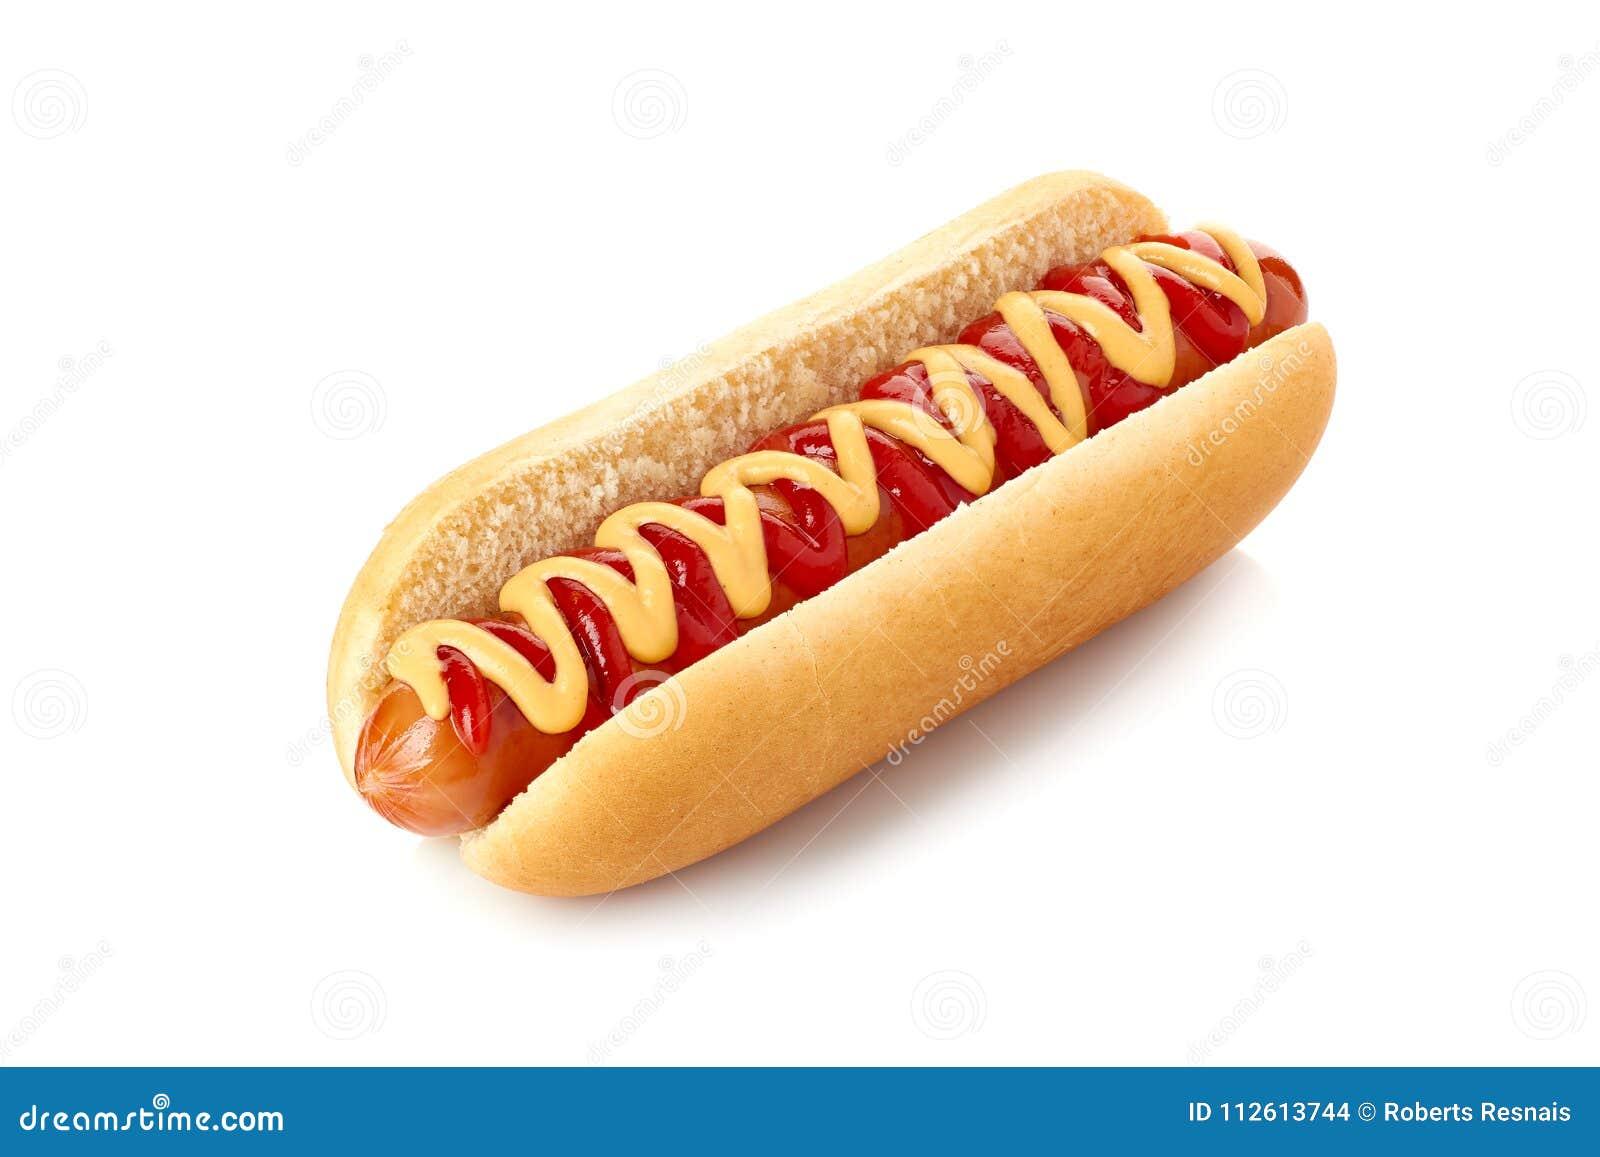 Cachorro quente com ketchup e mostarda no branco